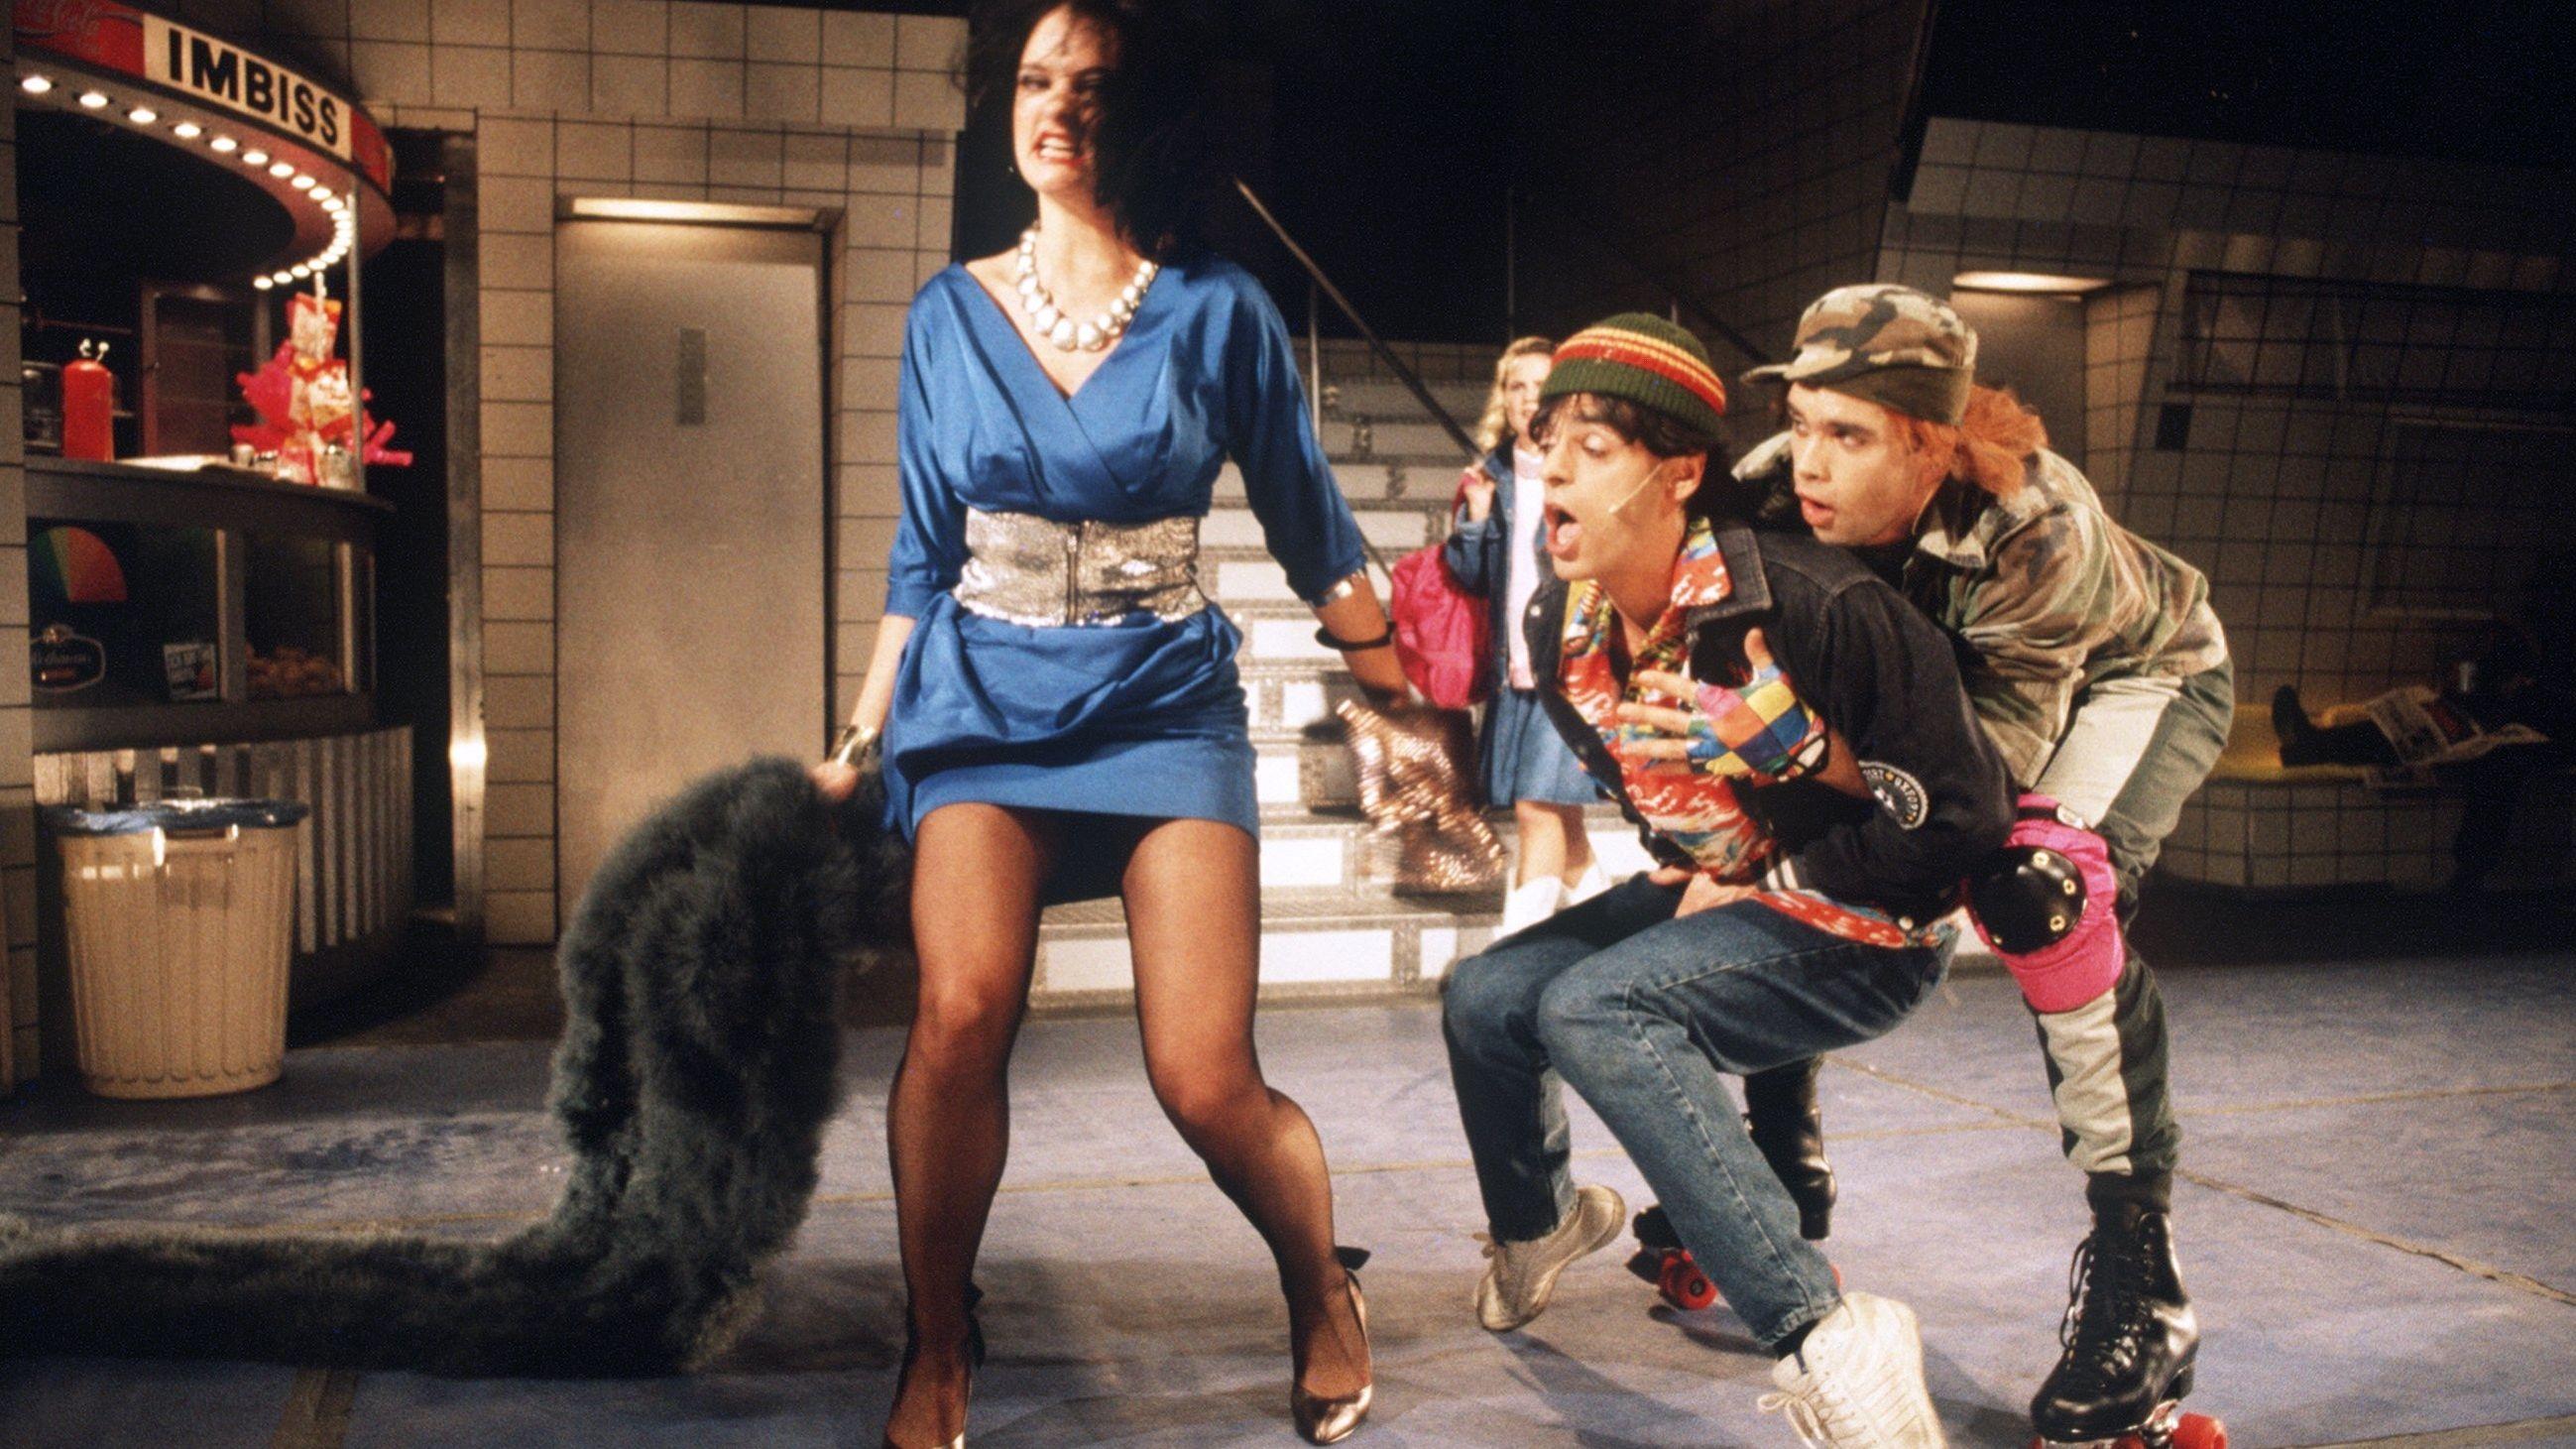 Zwei Jugendliche und eine Frau in eleganter Kleidung performen auf der Bühne.